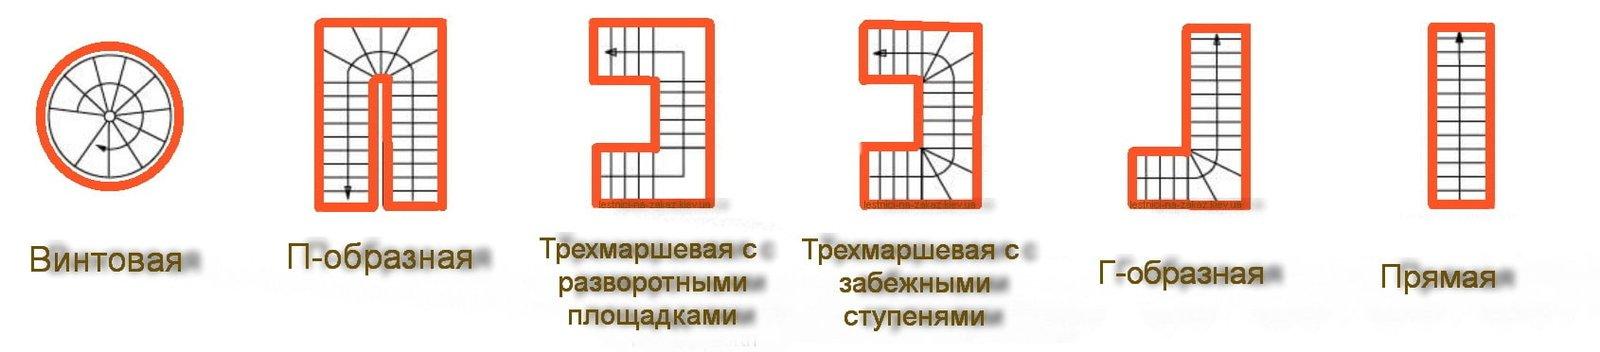 возможные формы лестниц из нержавеющей стали